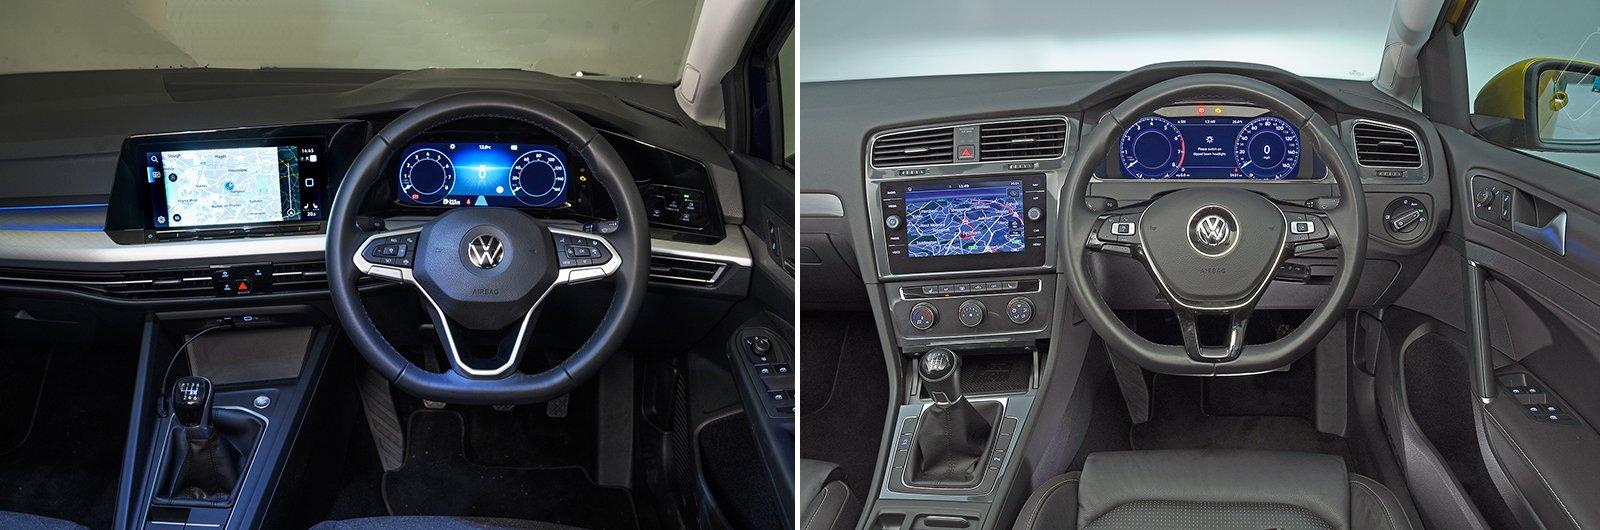 New Volkswagen Golf vs used Volkswagen Golf - interior